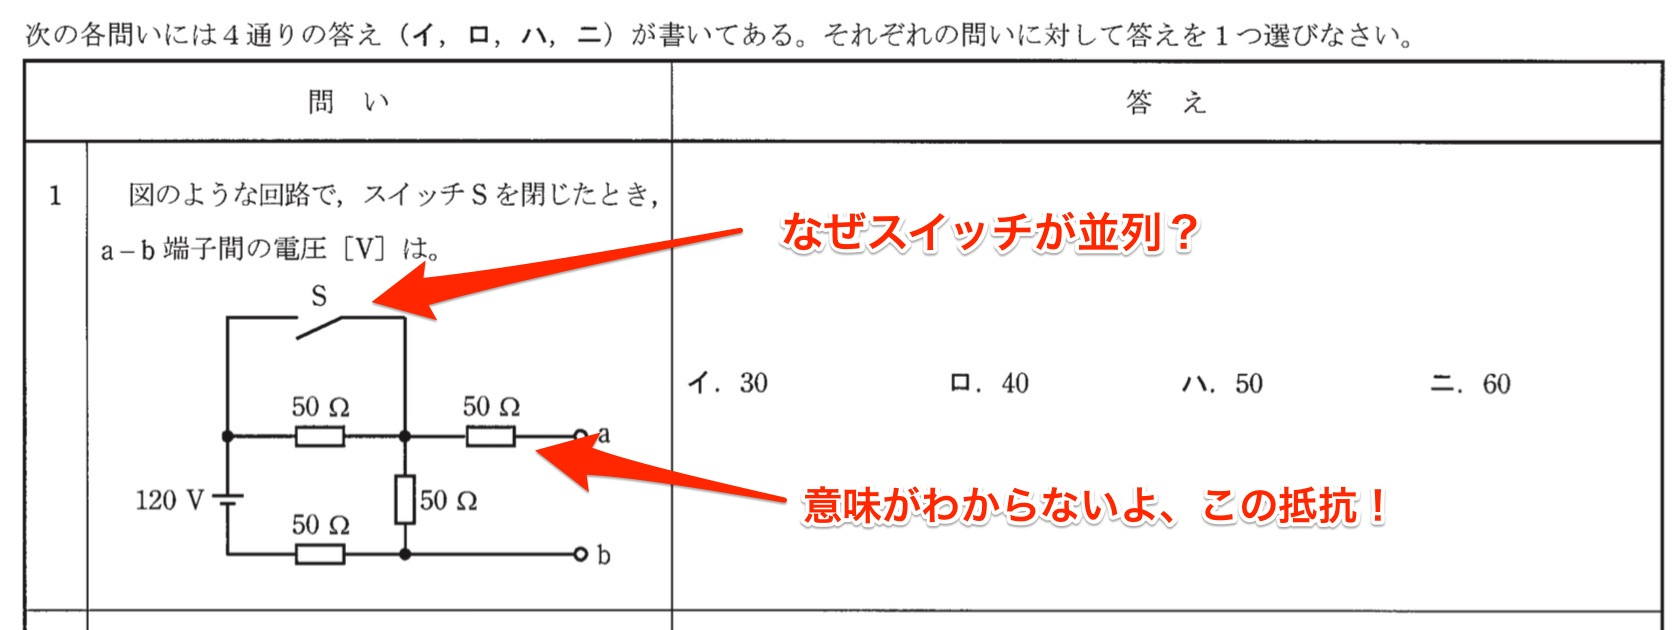 www_shiken_or_jp_answer_pdf_187_file_nm01_2015_K_shimokihikki_pdf''